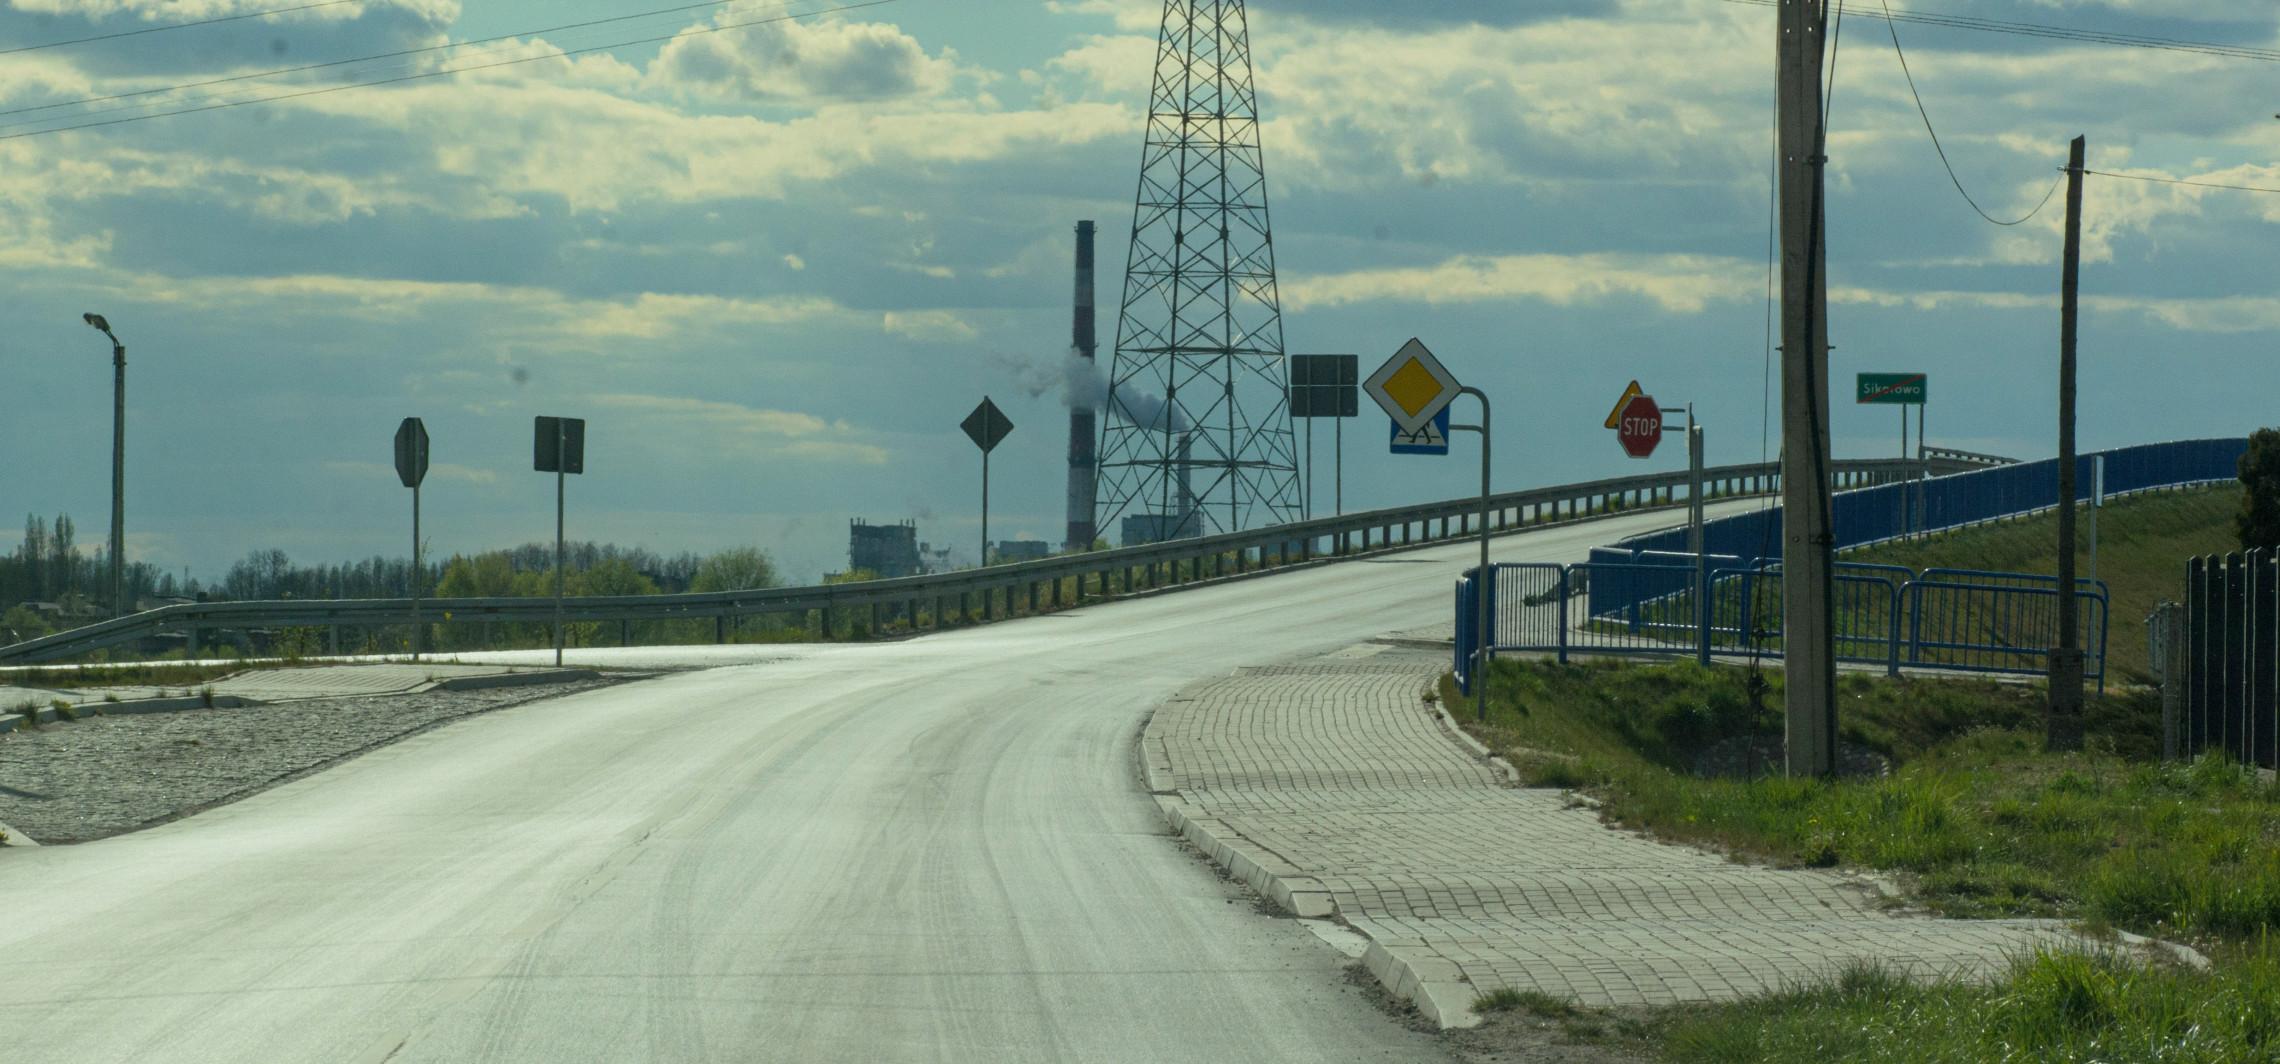 """Inowrocław - 130 km/h na """"50"""". Konsekwencje dobrze znane"""